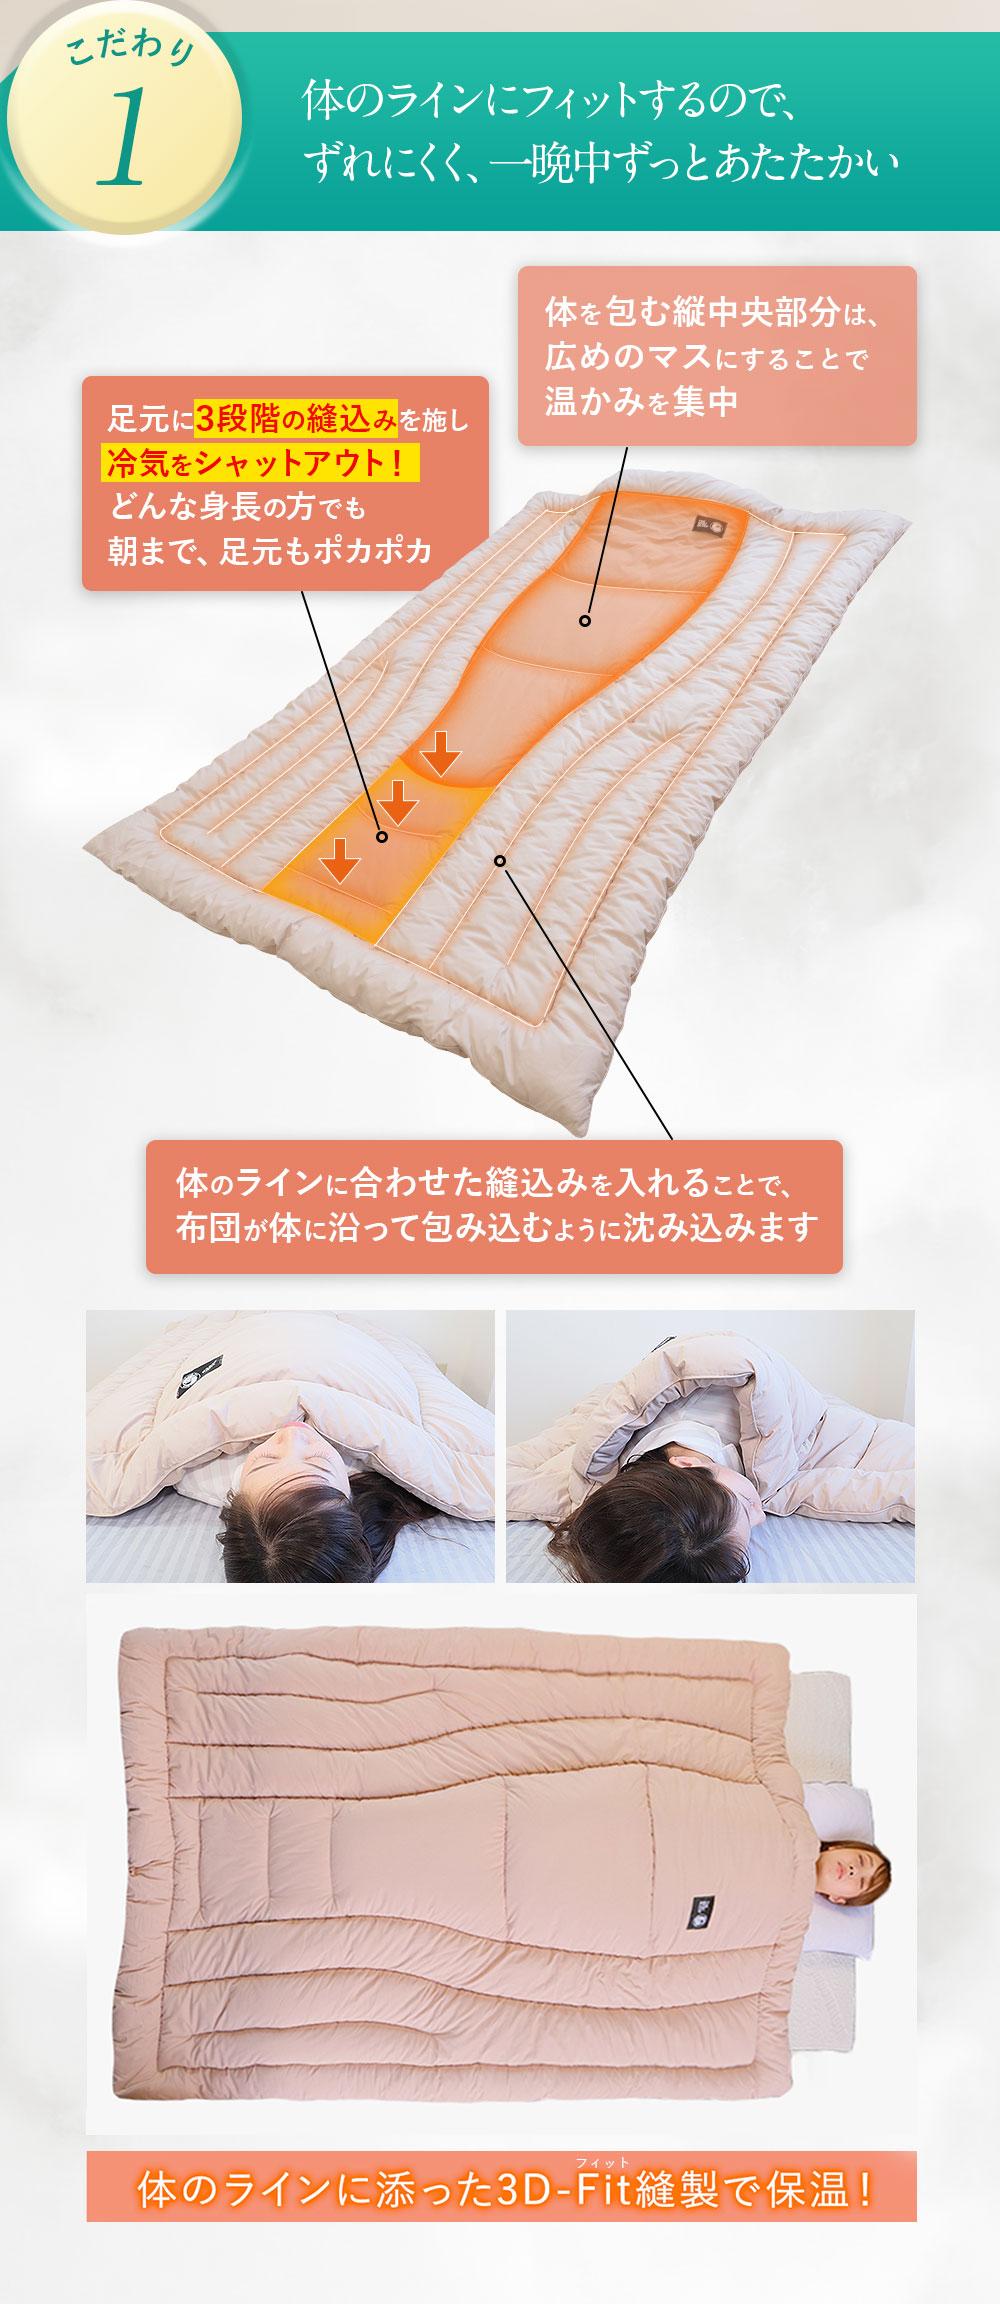 3D-Fit CoCOONはからだにフィットするから睡眠の質が上がります。